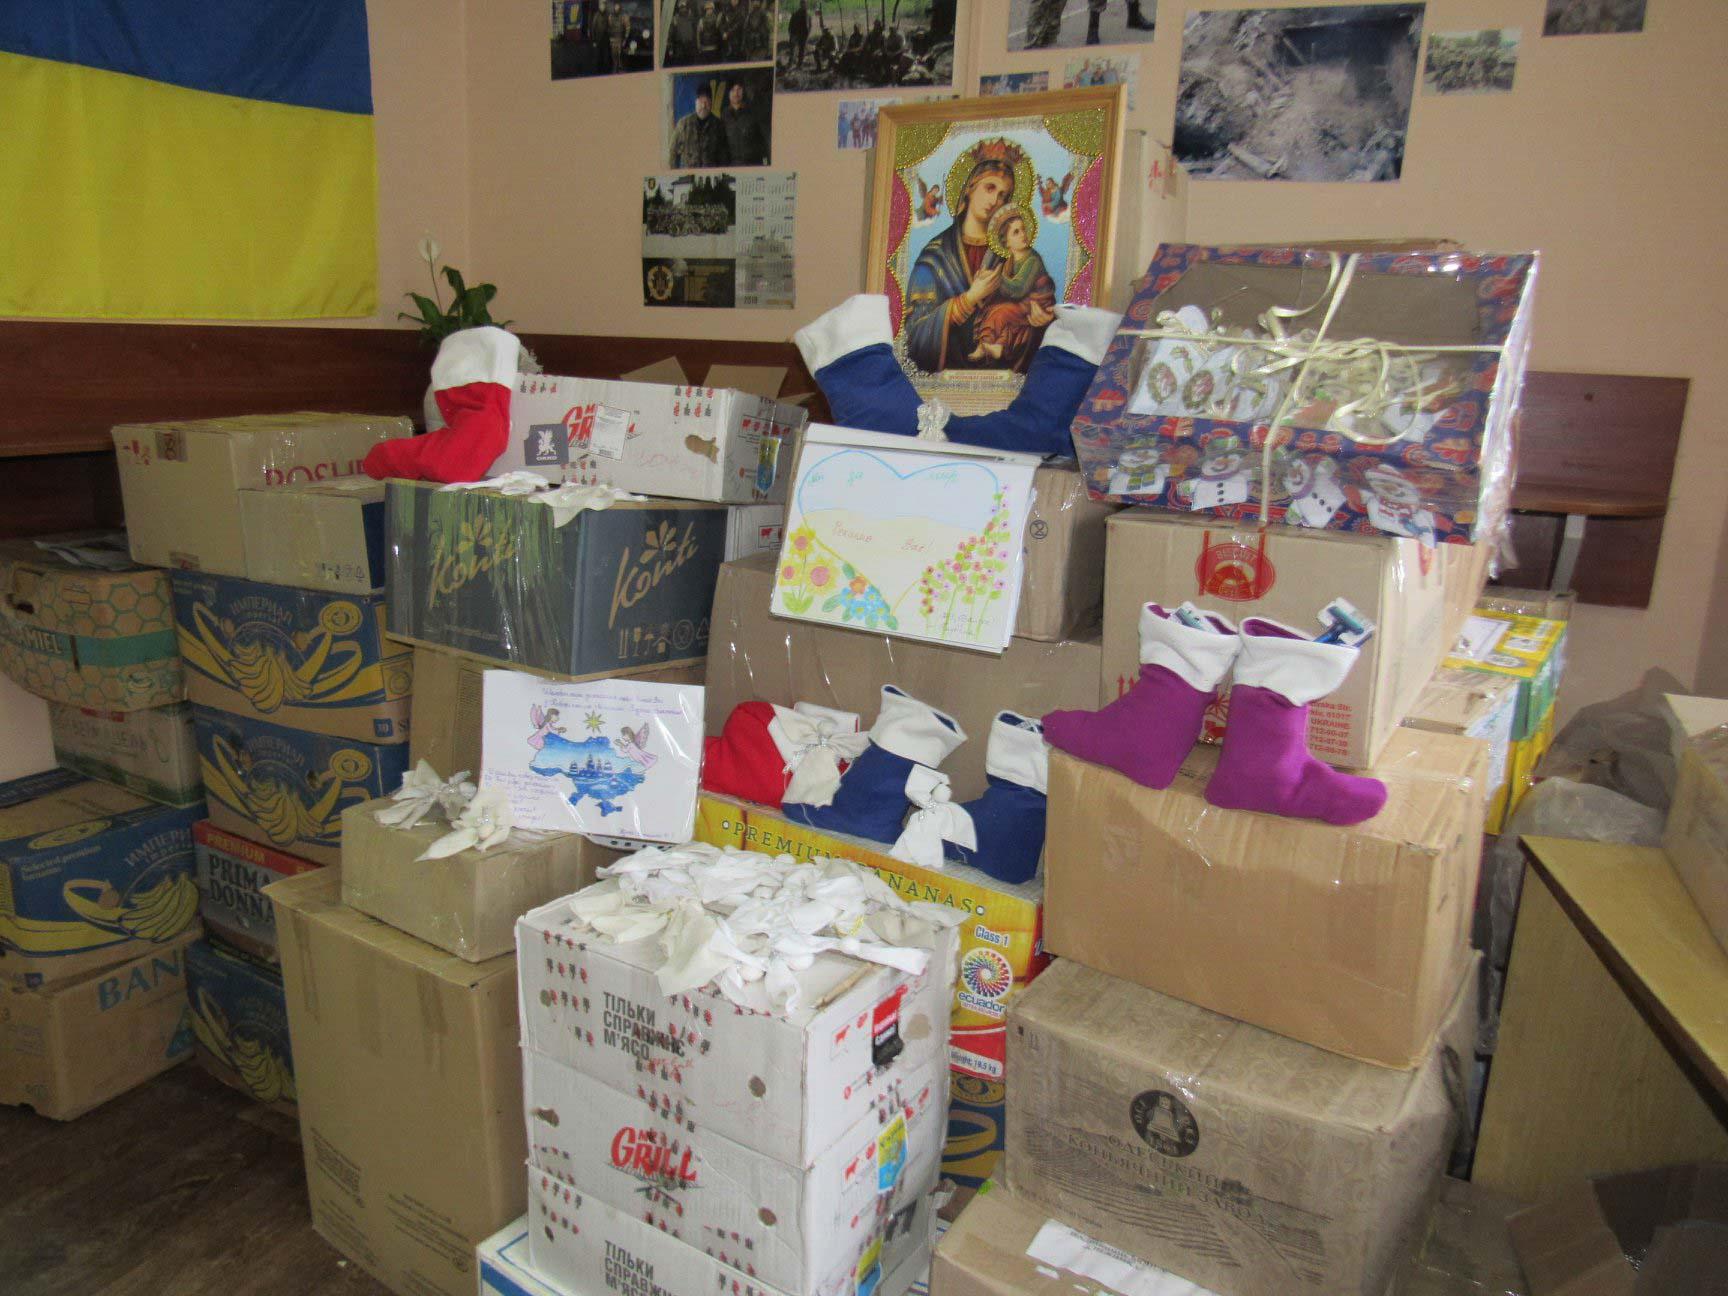 Їжа, одяг, будматеріали: 6 тонн допомоги зібрали прикарпатці для захисників на Сході (ФОТО)